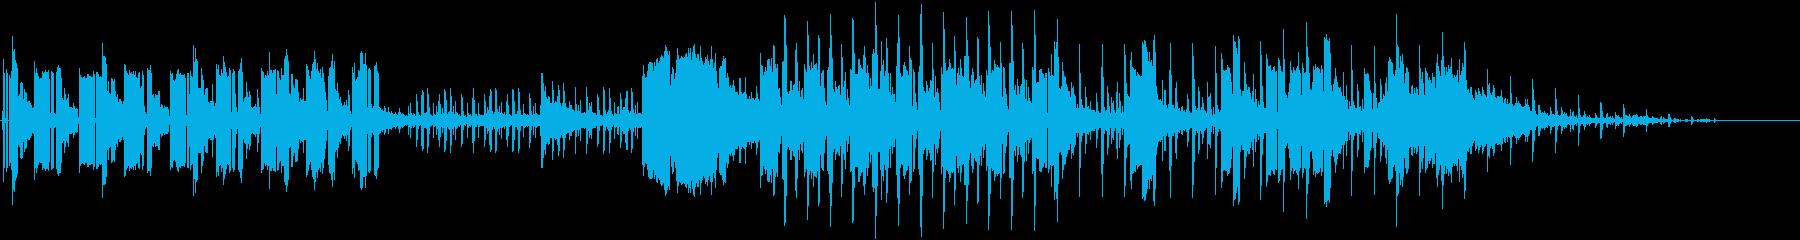 シーケンス化された低音とシンセの効...の再生済みの波形